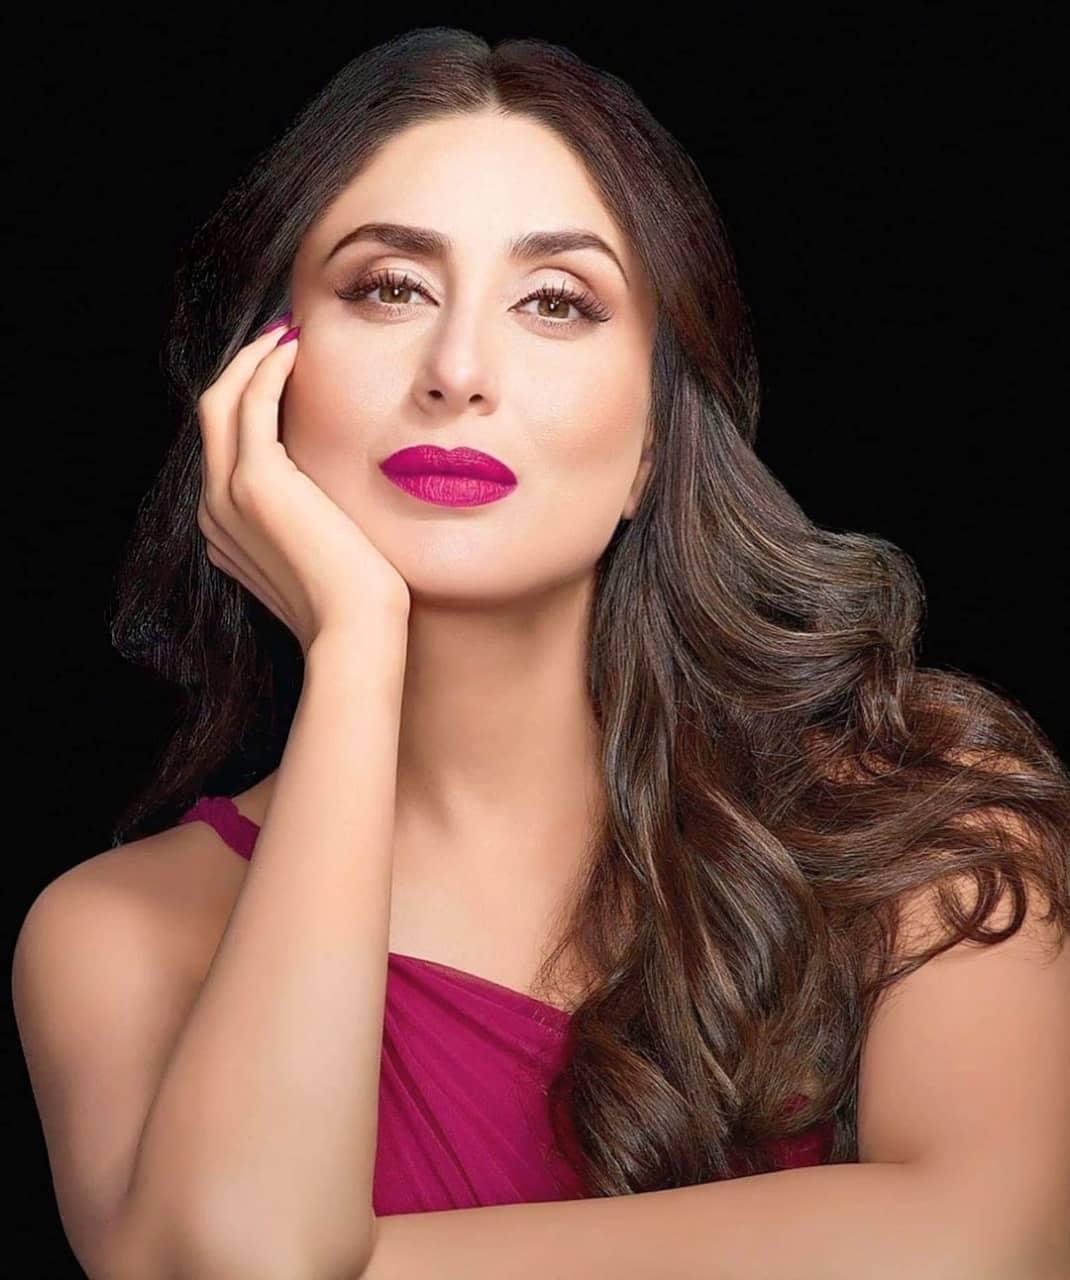 Image instagrammed by Kareena Kapoor Khan